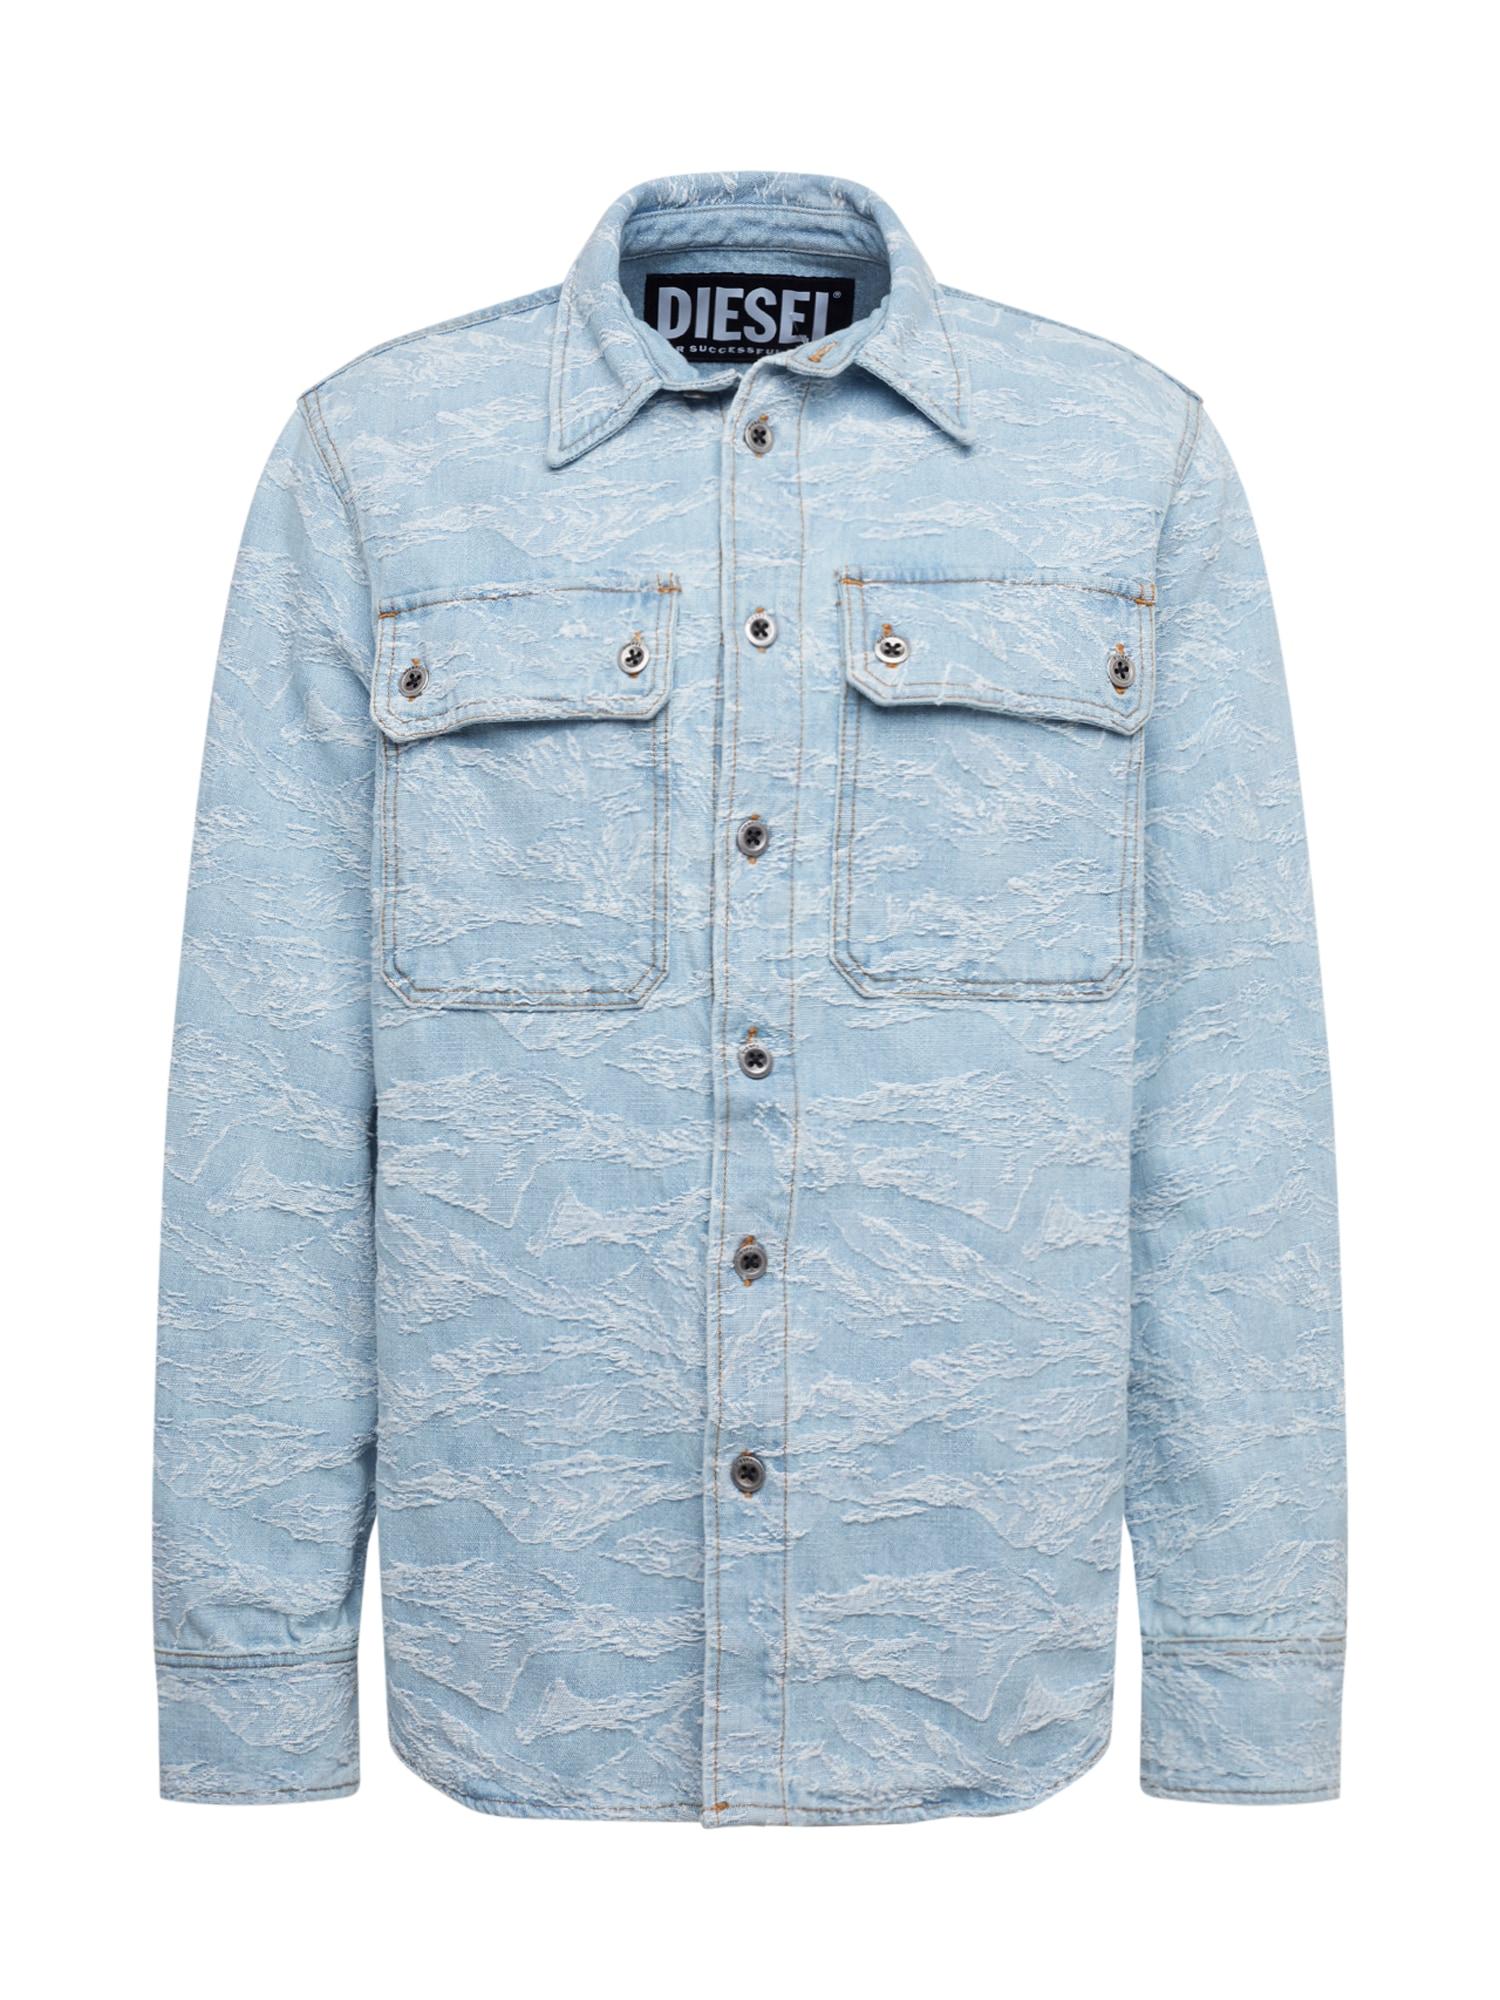 DIESEL Dalykiniai marškiniai 'JESSY' balta / tamsiai (džinso) mėlyna